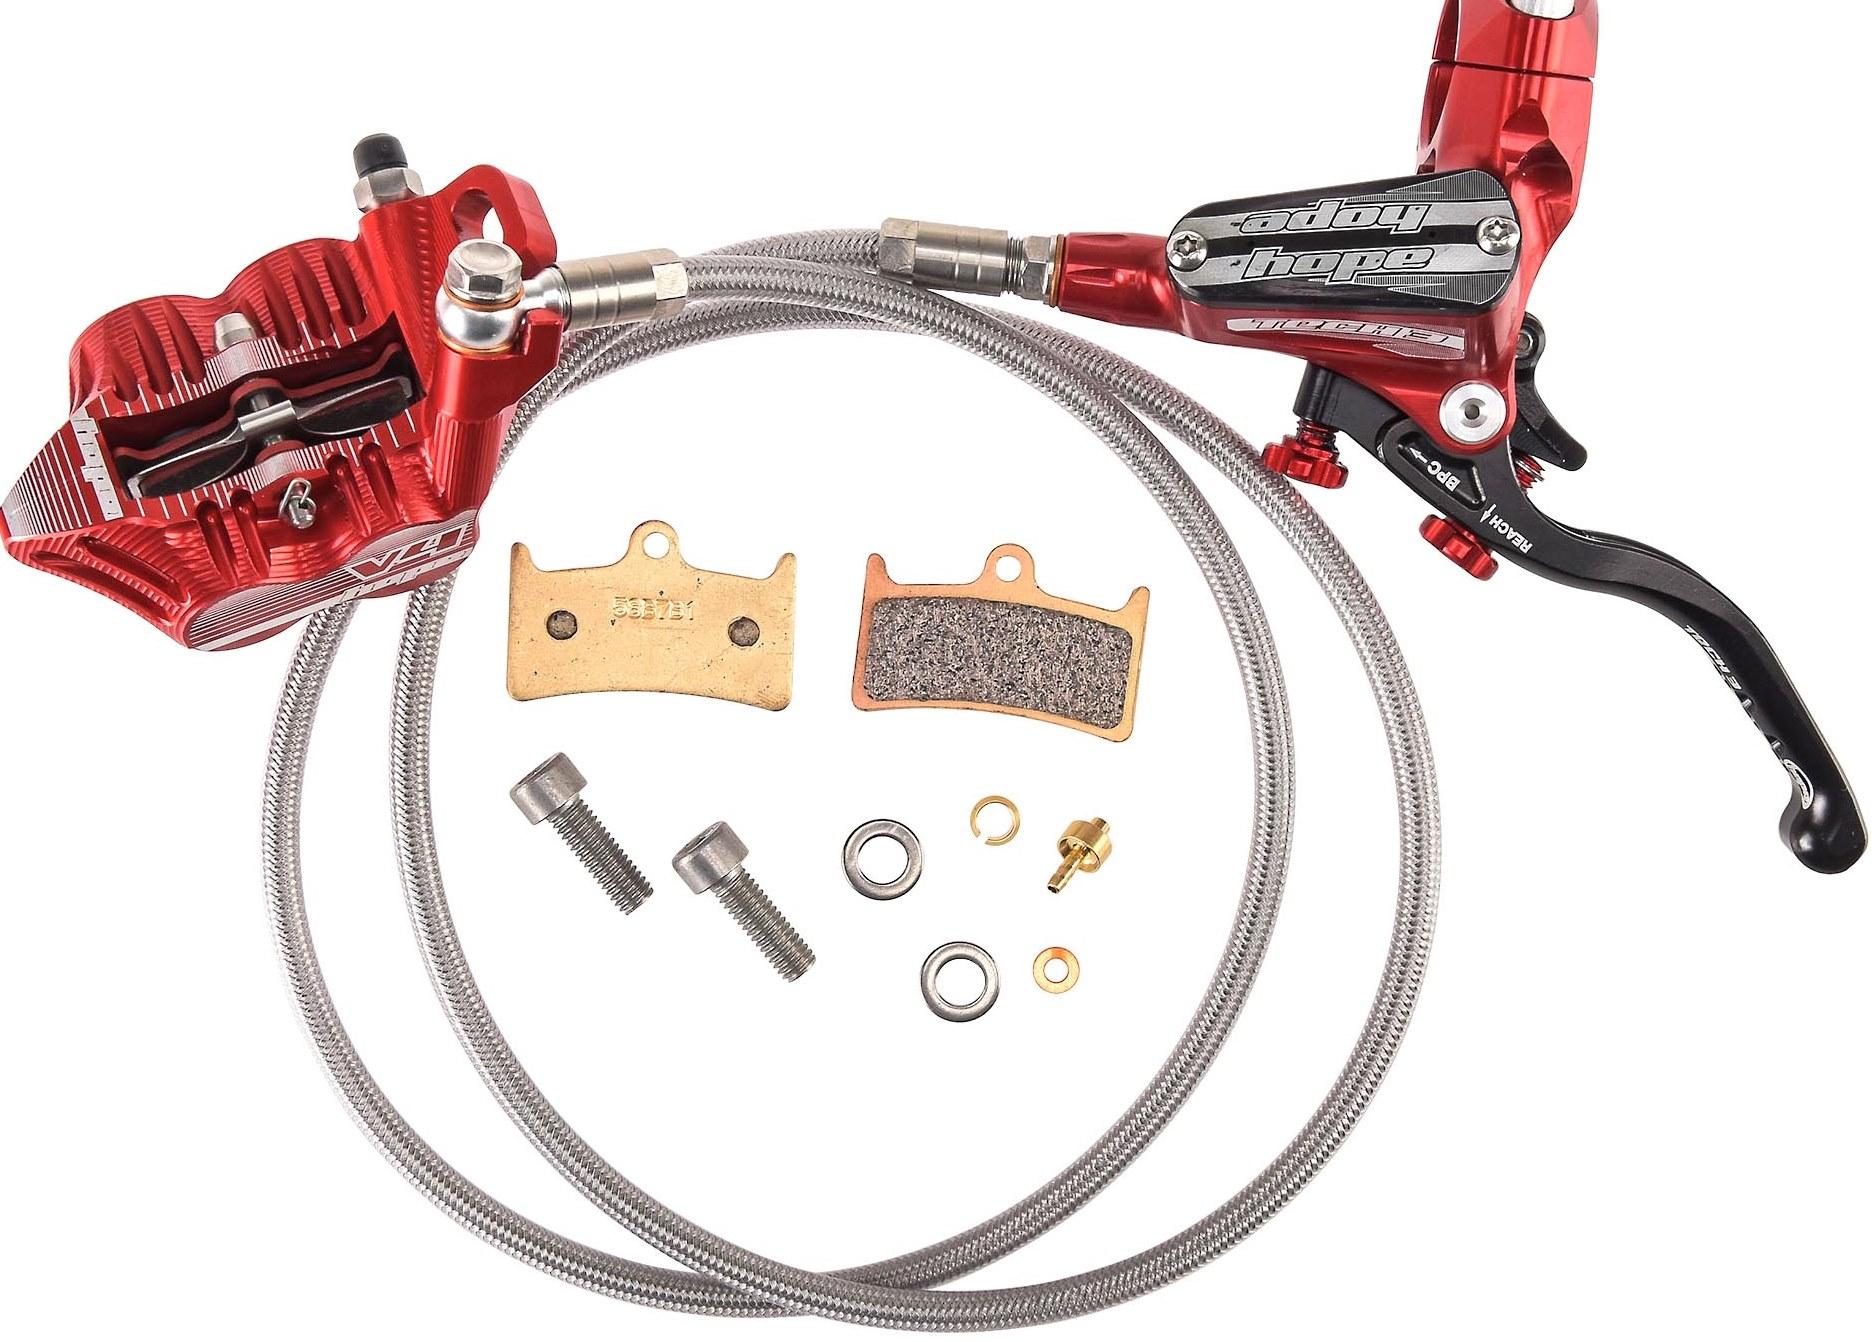 per evitare rigonfiamenti del tubo dell'olio a causa delle alte temperature la hope offre i cavi in acciaio intrecciato direttamente dalla esperienza motociclistica.